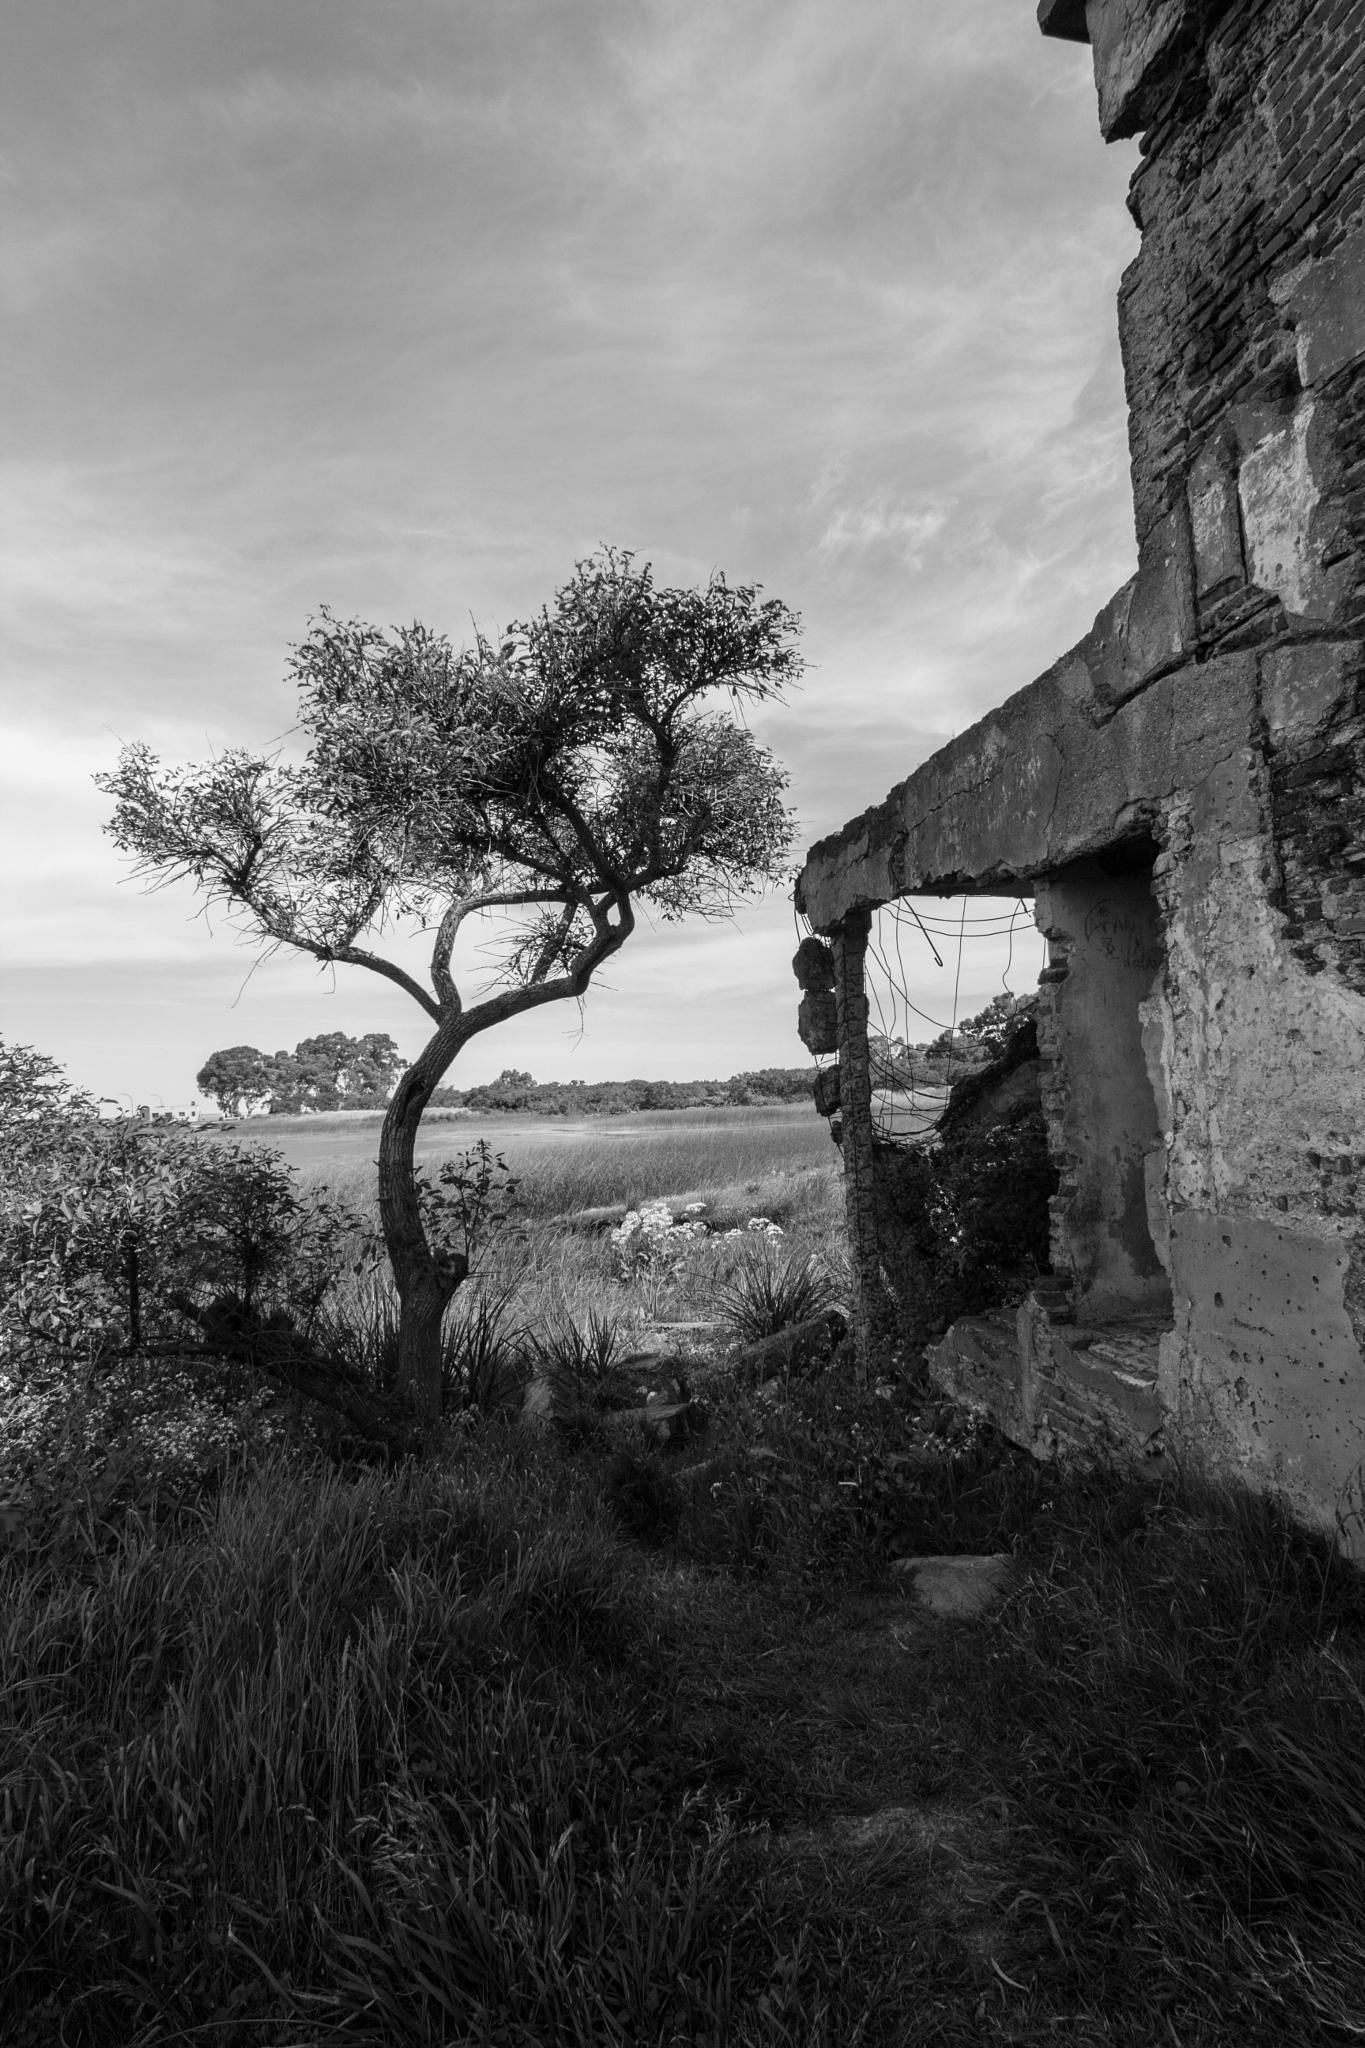 Ceibo entre ruinas by Andrés Miñones